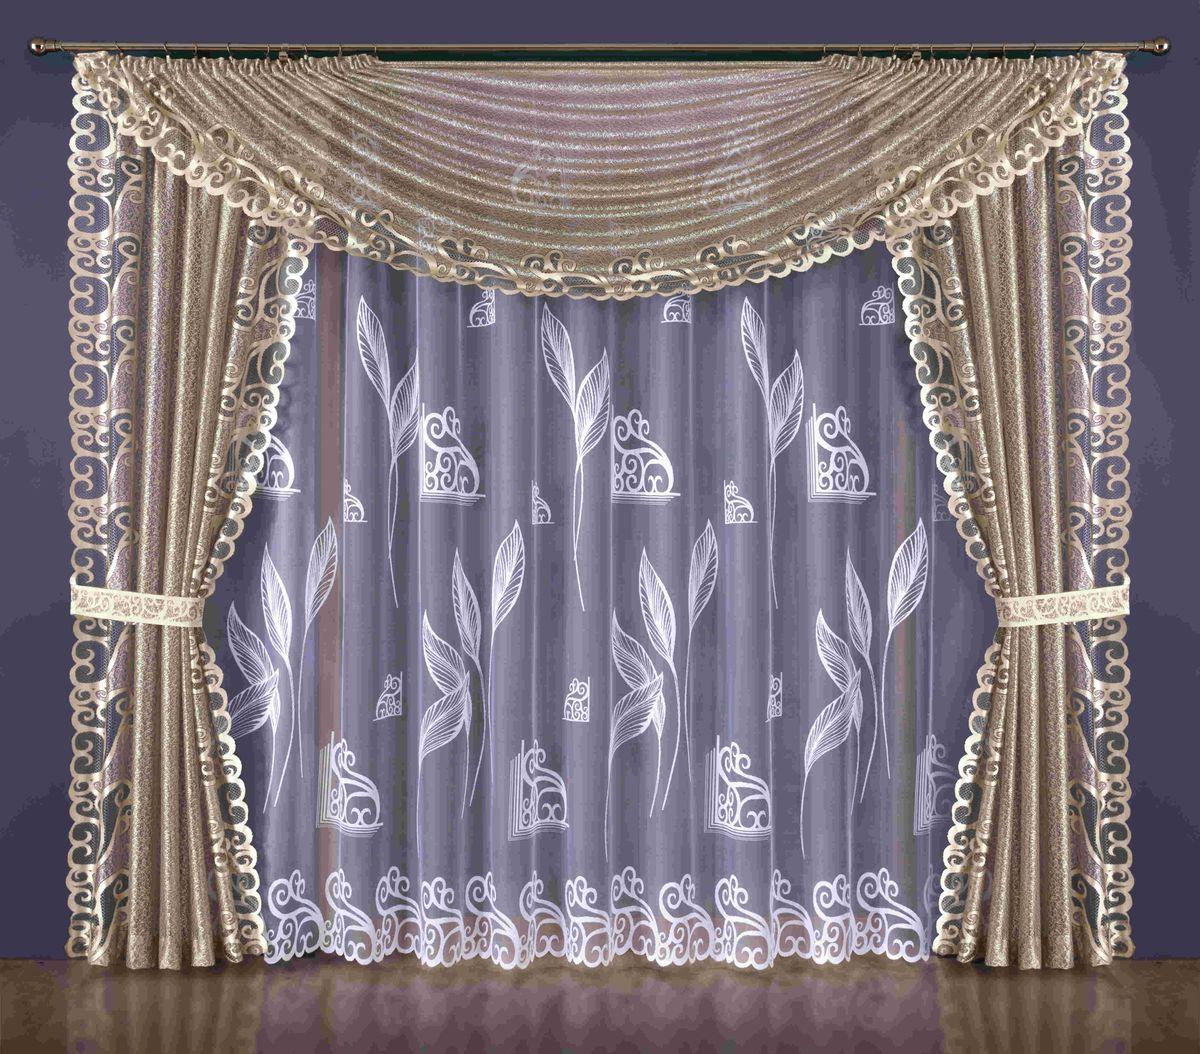 Комплект штор Wisan Katiusza, на ленте, цвет: белый, бежевый, высота 250 см185WКомплект штор Wisan Katiusza выполненный из полиэстера, великолепно украсит любое окно. В комплект входят 2 шторы, тюль, ламбрекен и 2 подхвата. Цветочный орнамент придает комплекту особый стиль и шарм. Тонкое плетение, нежная цветовая гамма и роскошное исполнение - все это делает шторы Wisan Katiusza замечательным дополнением интерьера помещения.Комплект оснащен шторной лентой для красивой сборки. В комплект входит: Штора - 2 шт. Размер (ШхВ): 145 см х 250 см.Тюль - 1 шт. Размер (ШхВ): 400 см х 250 см. Ламбрекен - 1 шт. Размер (ШхВ): 350 см х 135 см. Подхват - 2 шт.Фирма Wisan на польском рынке существует уже более пятидесяти лет и является одной из лучших польских фабрик по производству штор и тканей. Ассортимент фирмы представлен готовыми комплектами штор для гостиной, детской, кухни, а также текстилем для кухни (скатерти, салфетки, дорожки, кухонные занавески). Модельный ряд отличает оригинальный дизайн, высокое качество. Ассортимент продукции постоянно пополняется.